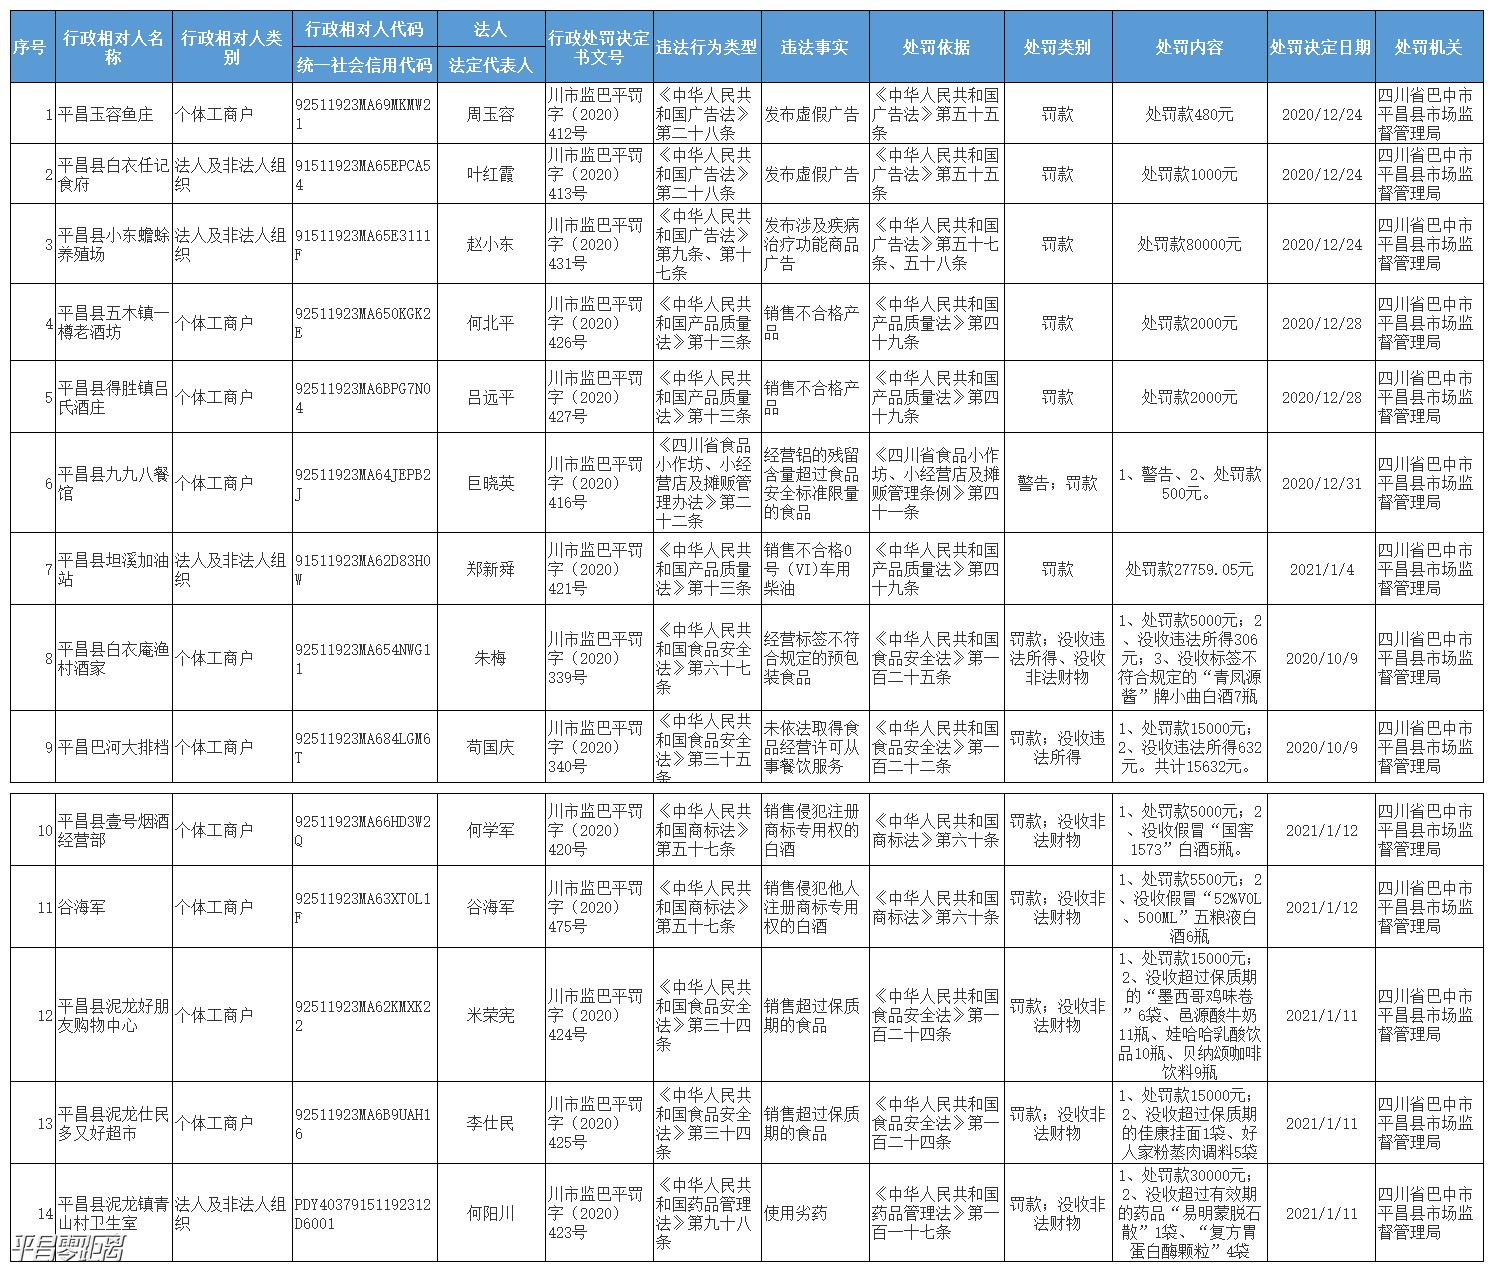 平昌又公布一大批处罚名单,最高罚款80000元!